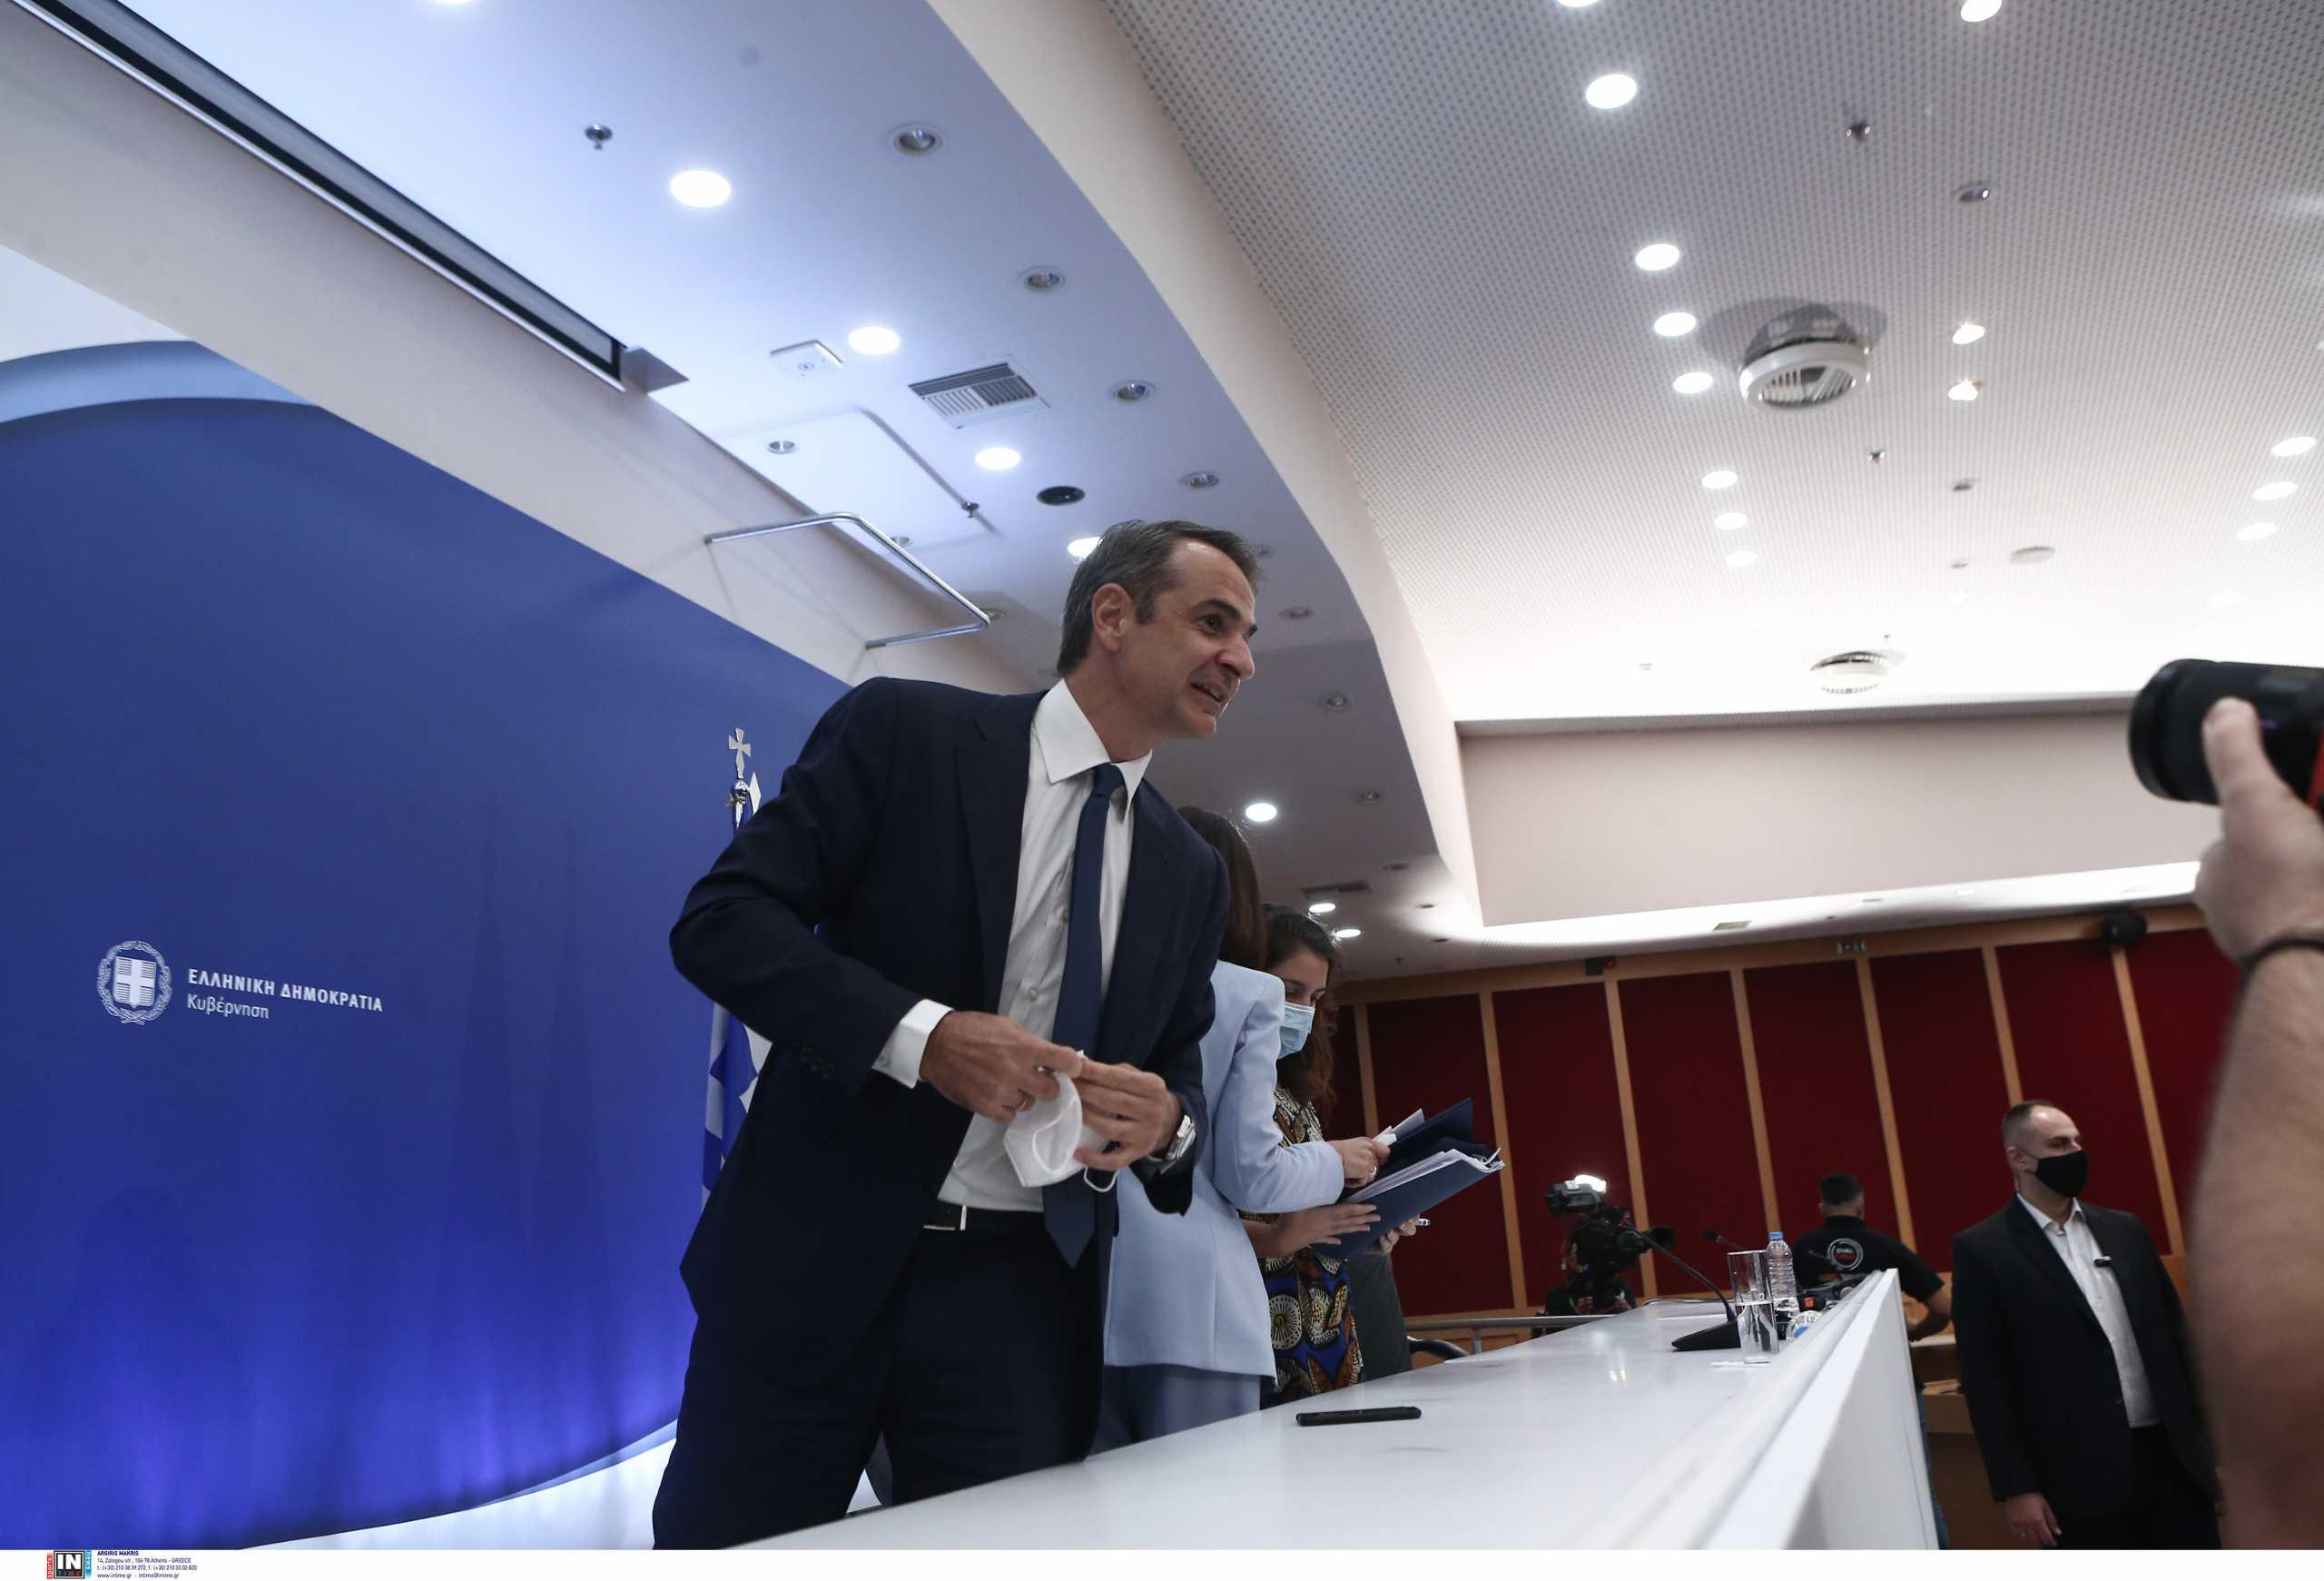 «Ο κ. Μητσοτάκης δεν έχει αντιληφθεί το μέγεθος της καταστροφής» – Οι πρώτες πολιτικές αντιδράσεις στη συνέντευξη του πρωθυπουργού